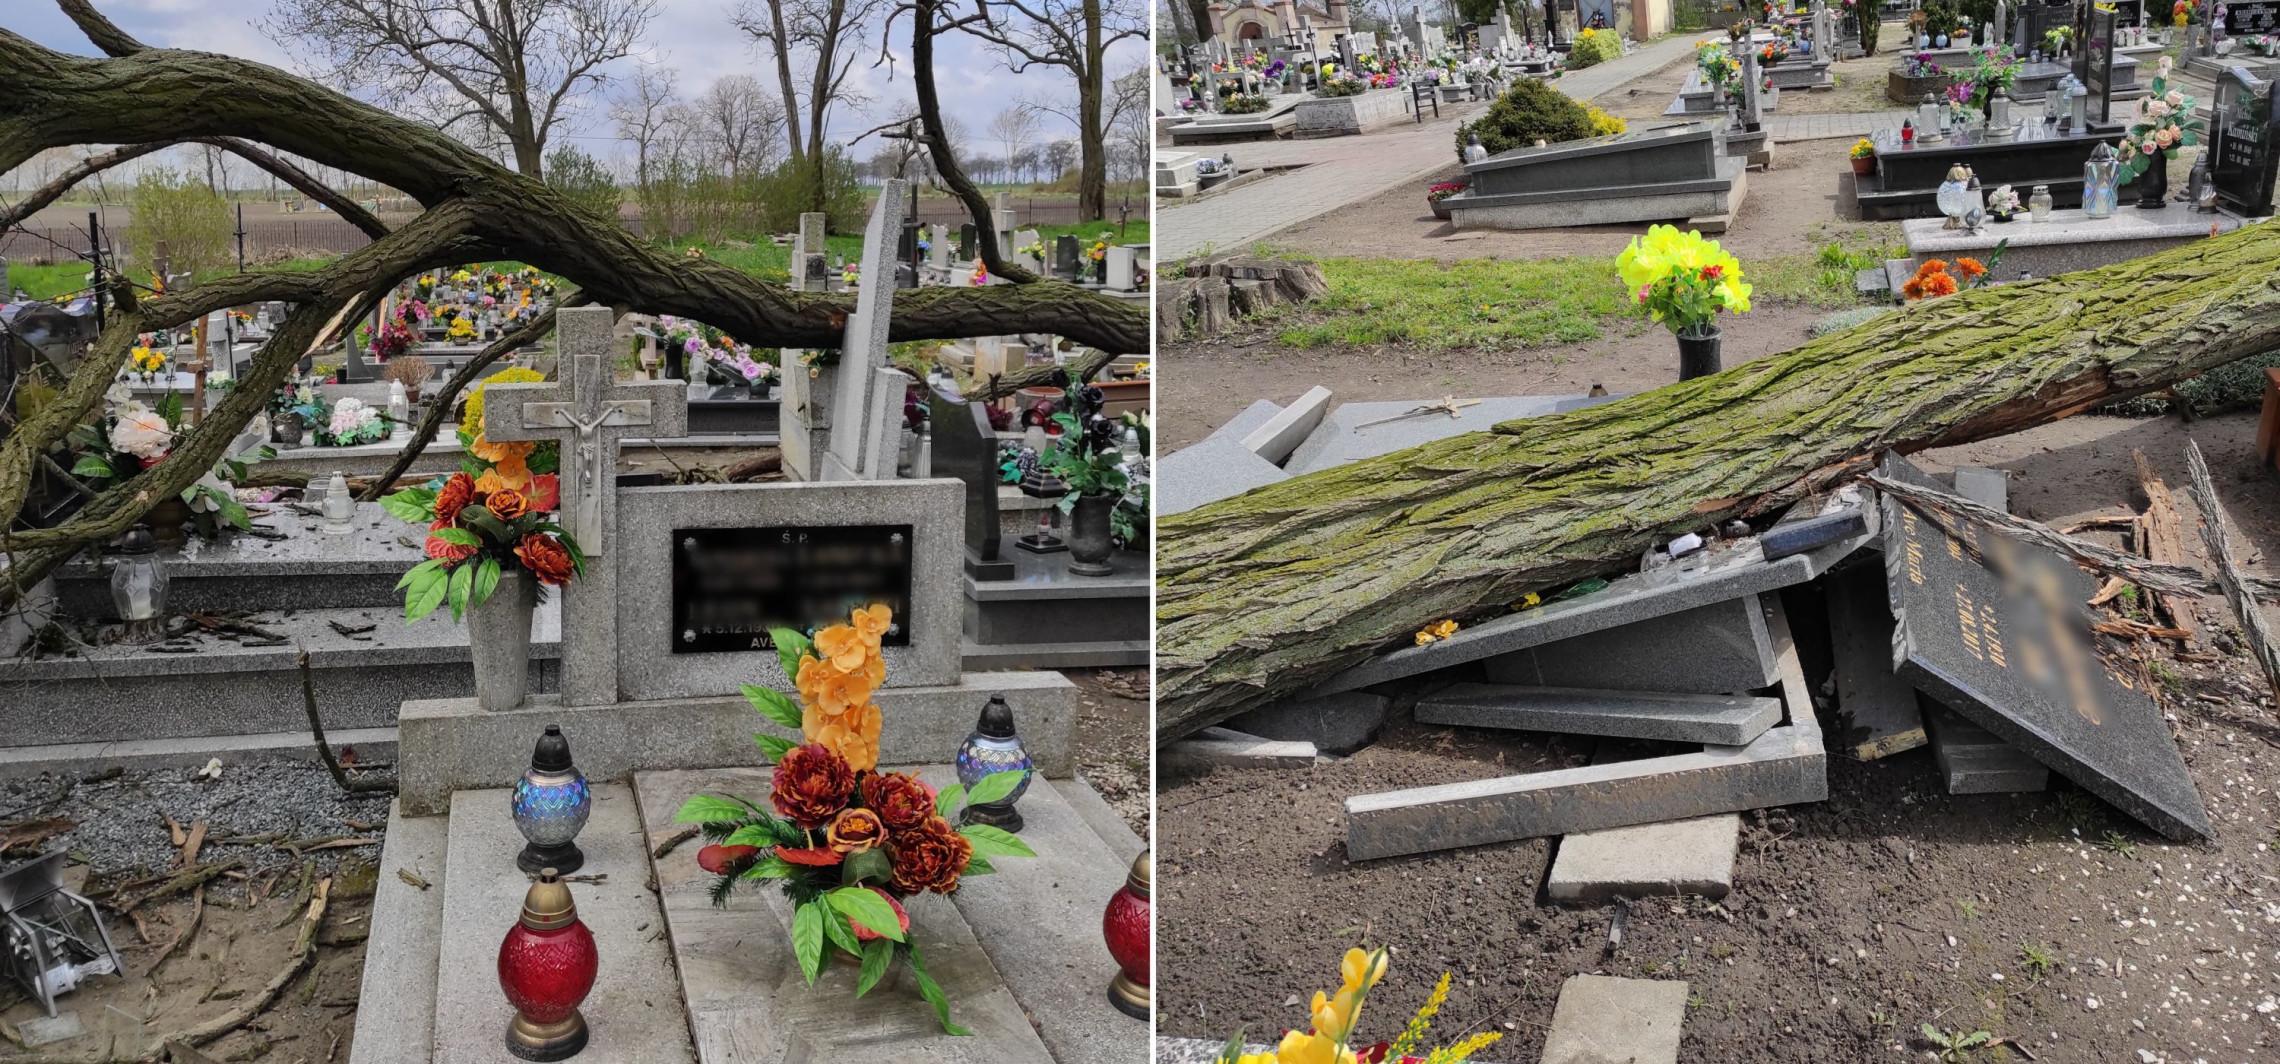 Region - Wichura powaliła drzewo na cmentarzu w regionie